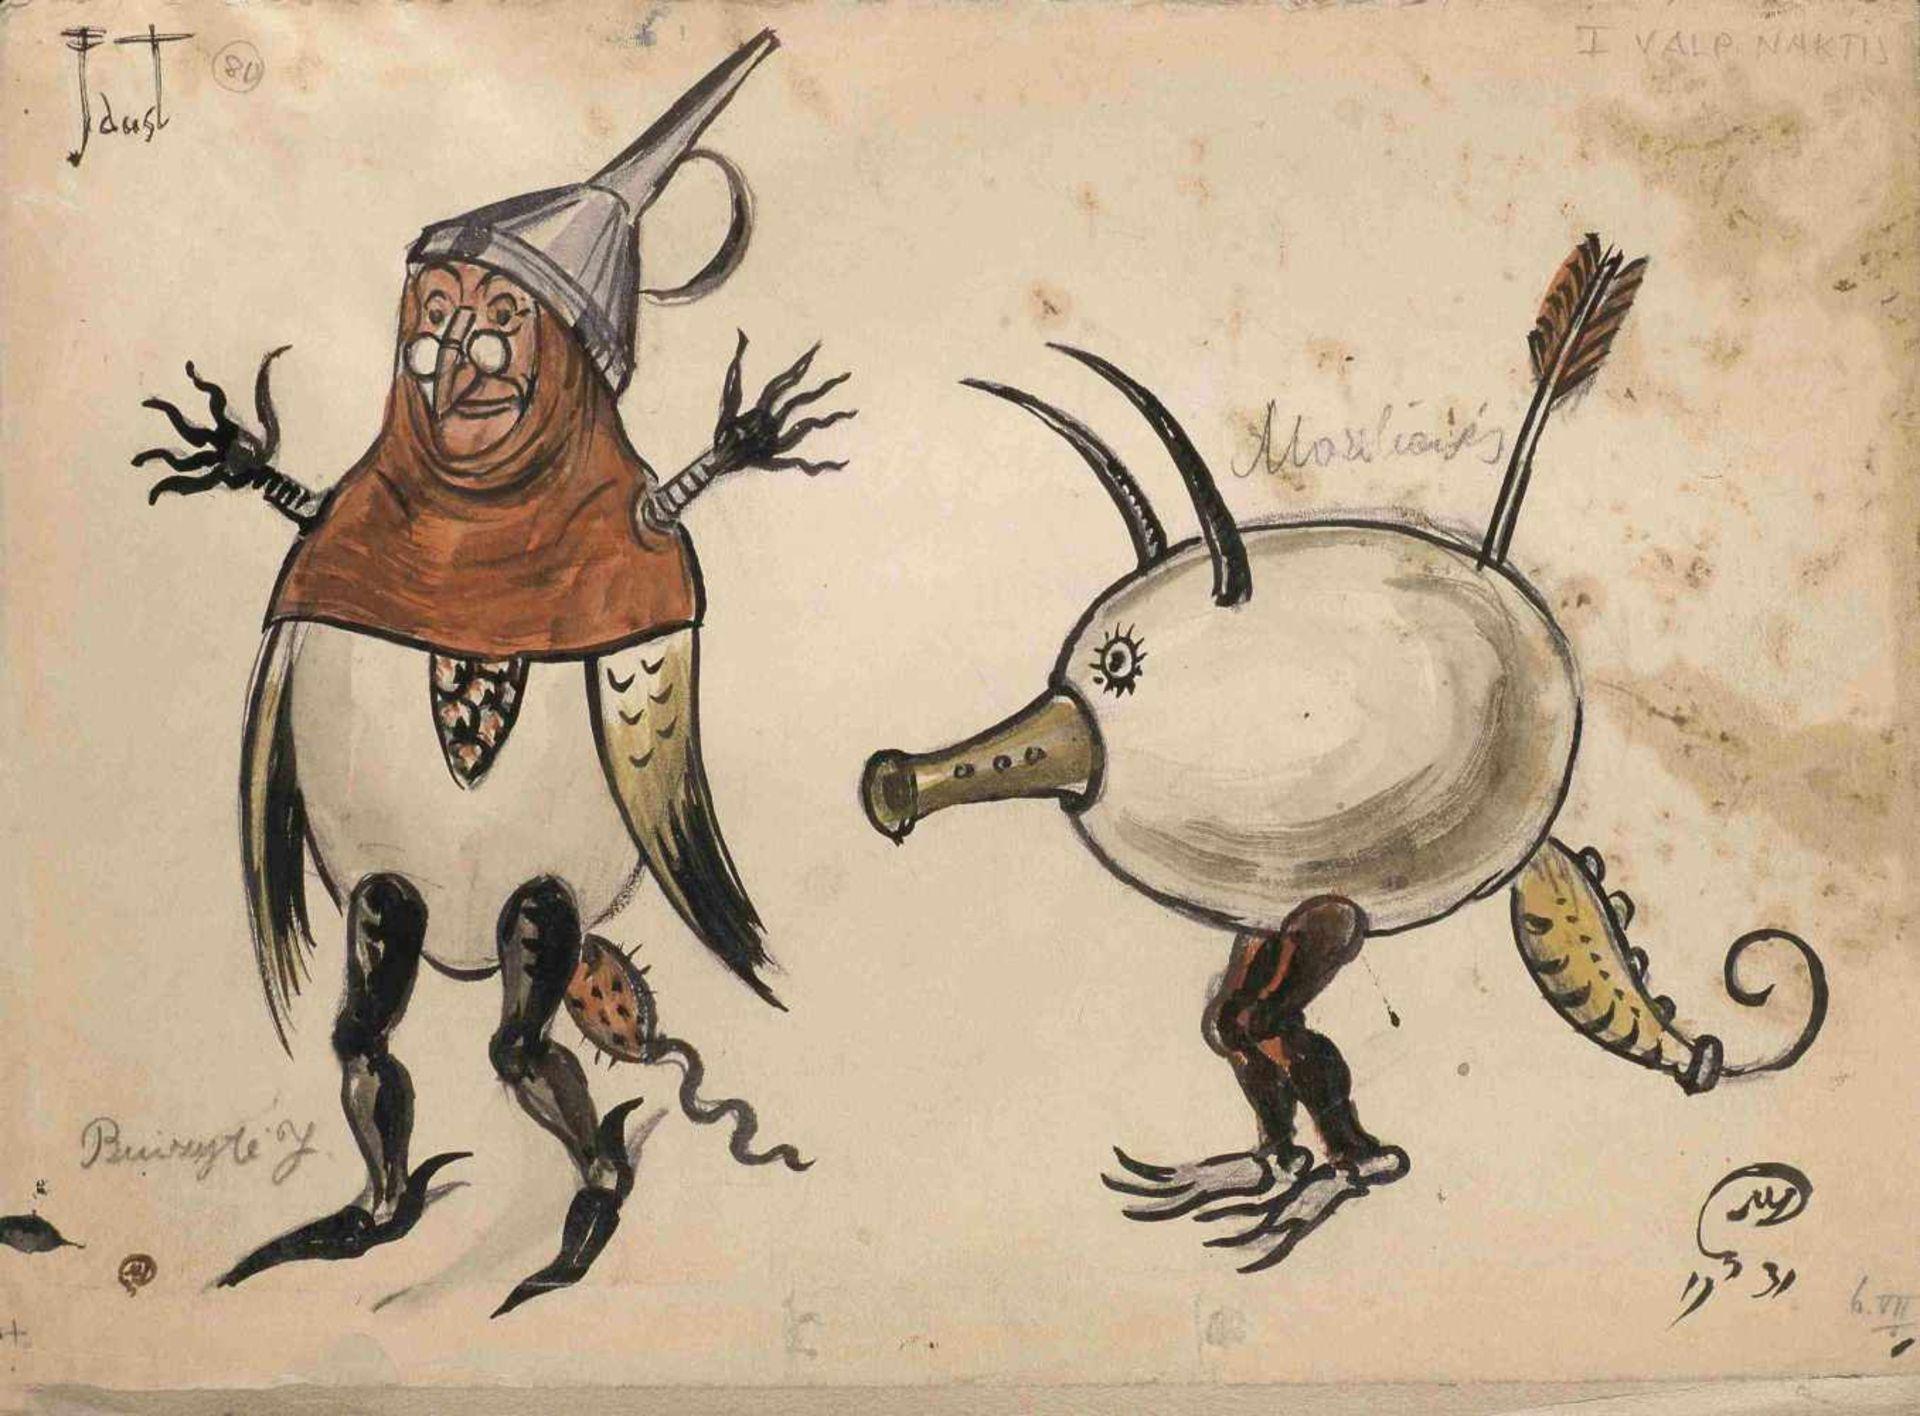 Mstislav Dobuzhinski (1875-1957) Lot aus drei Kostümentwürfe für die Szene Walpurgisnacht zur Oper - Bild 2 aus 3